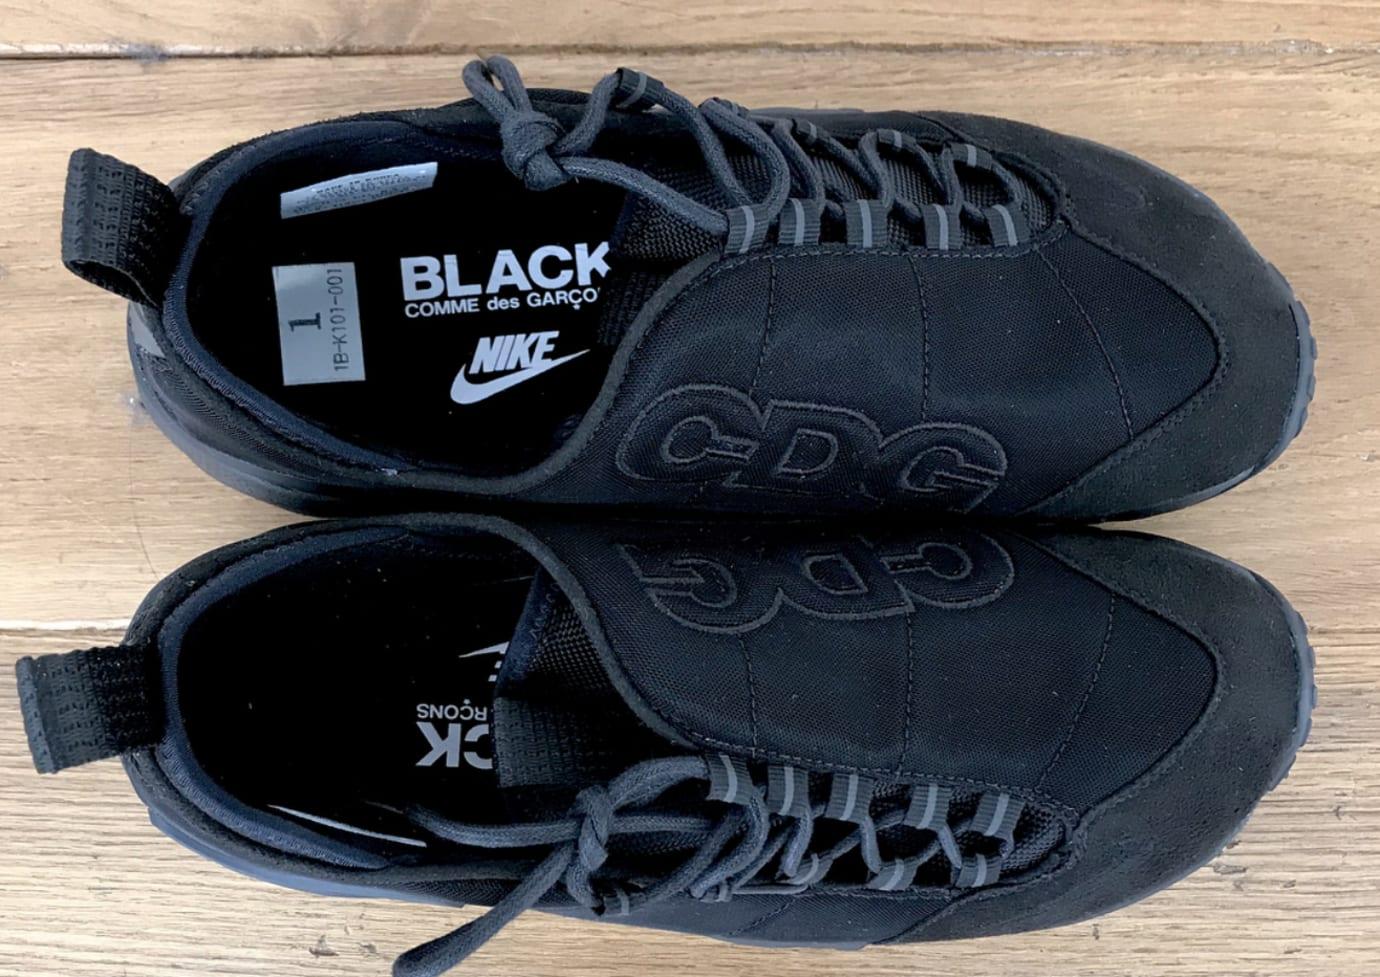 Comme des Garçons Black x Nike Air Footscape Motion (Top)